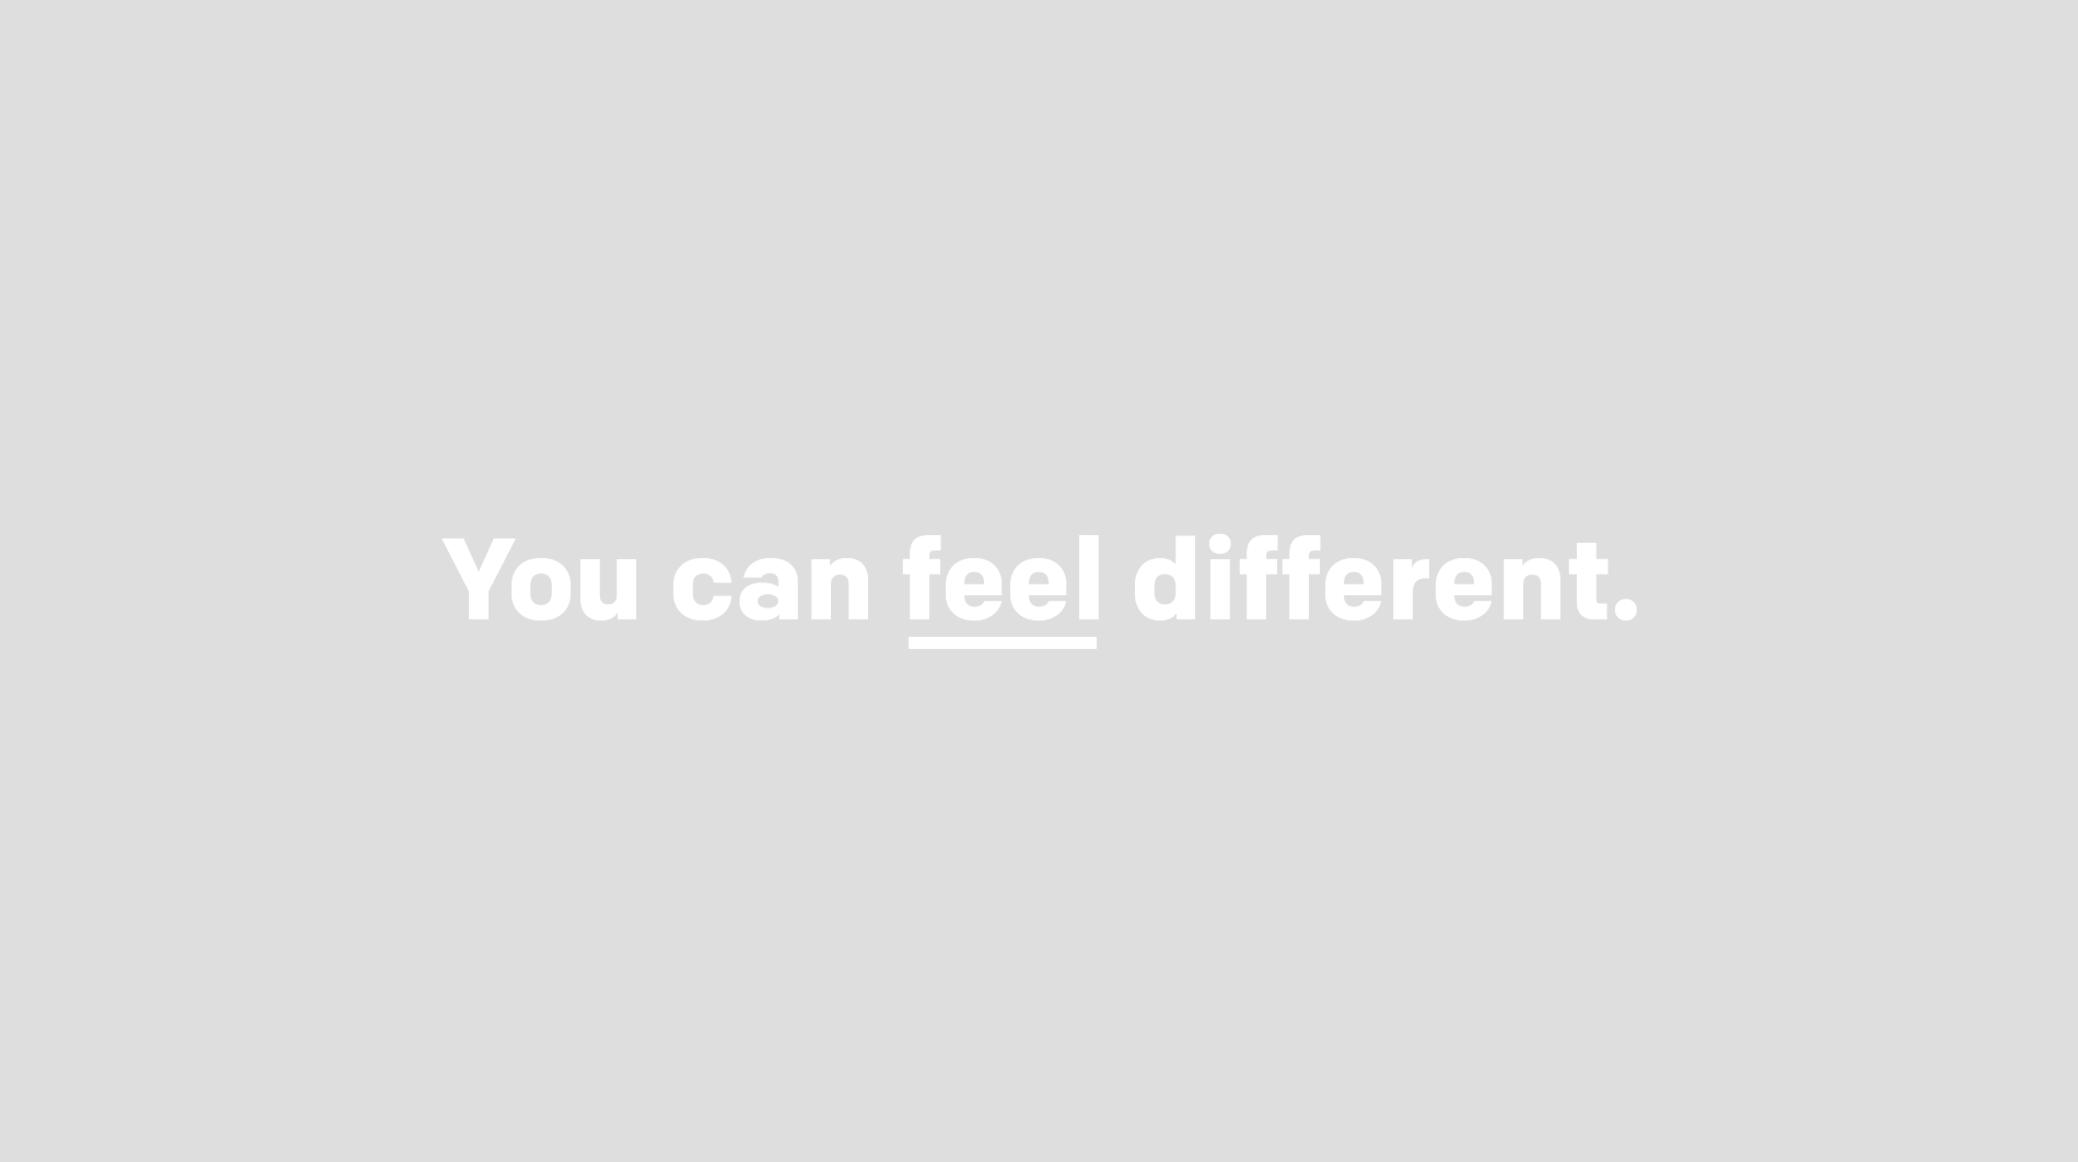 Feel (PNG)